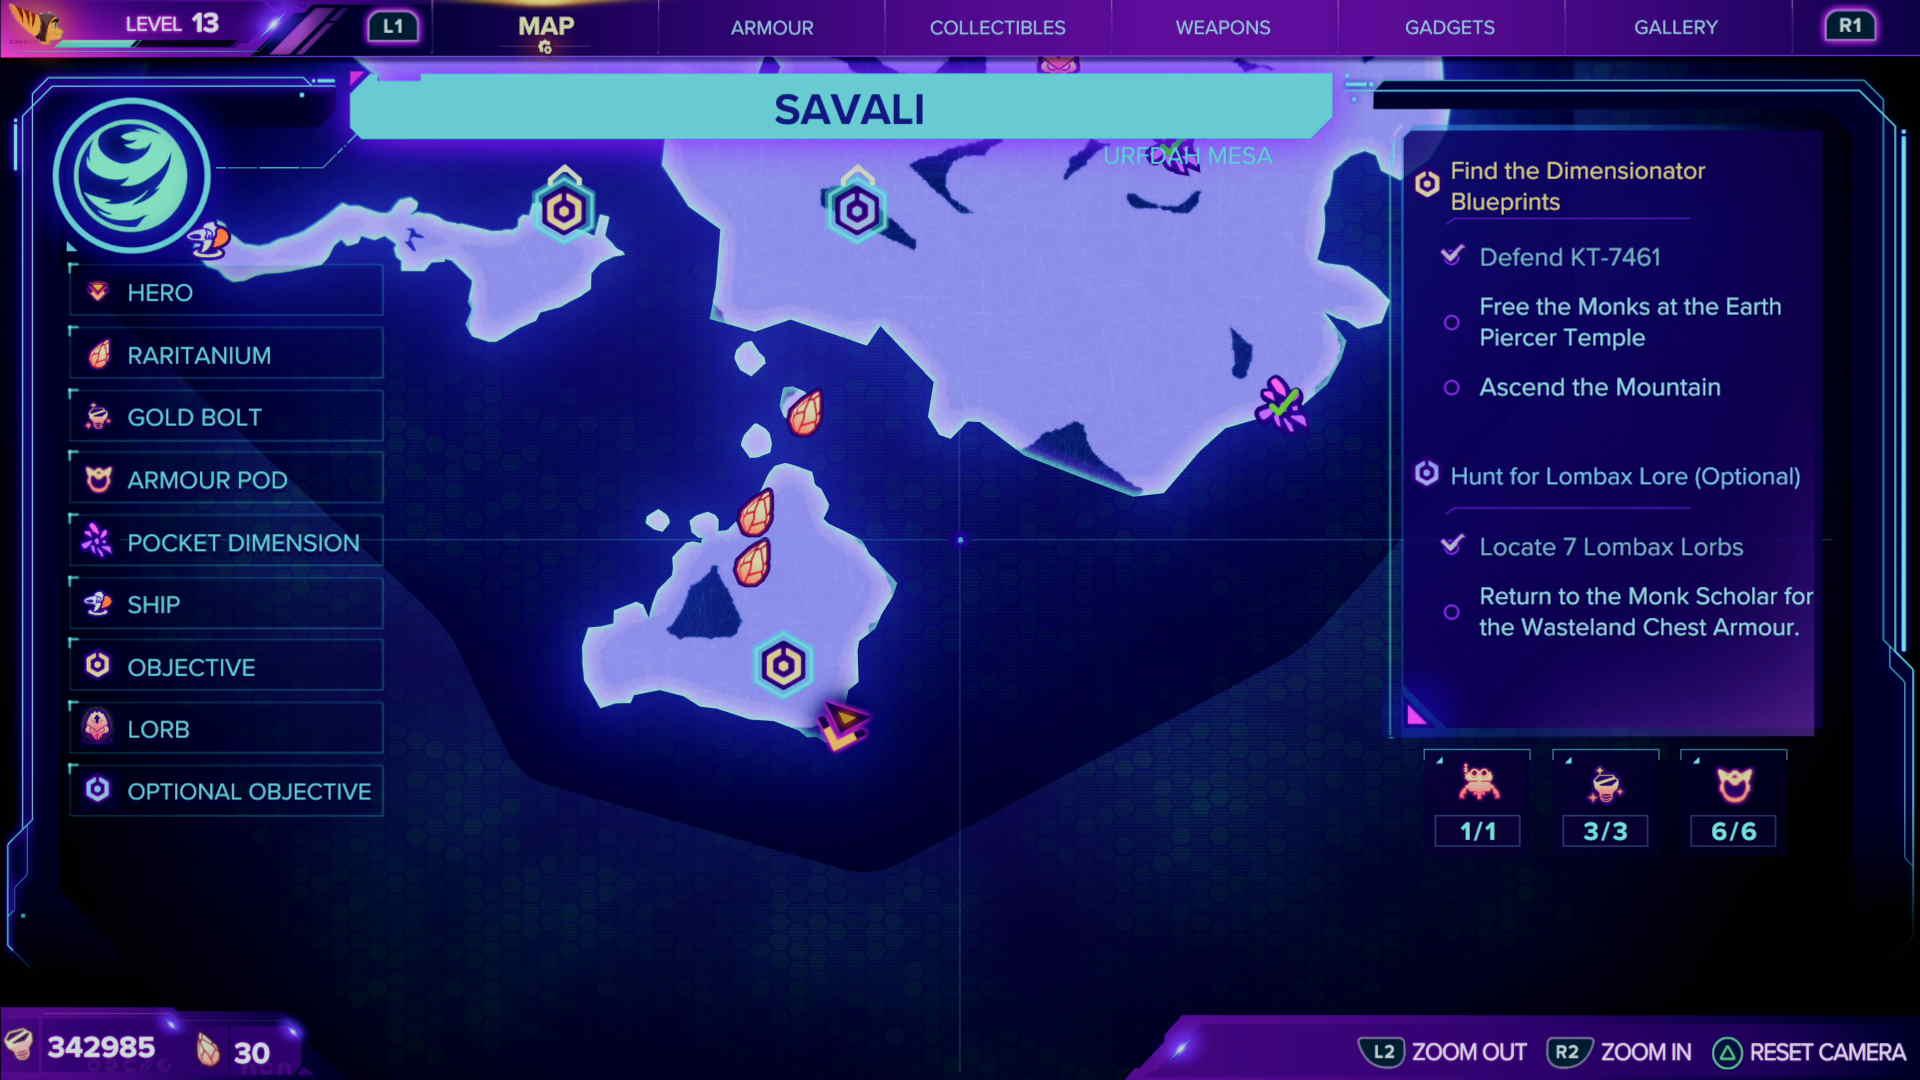 CraiggerBear 4: Savali